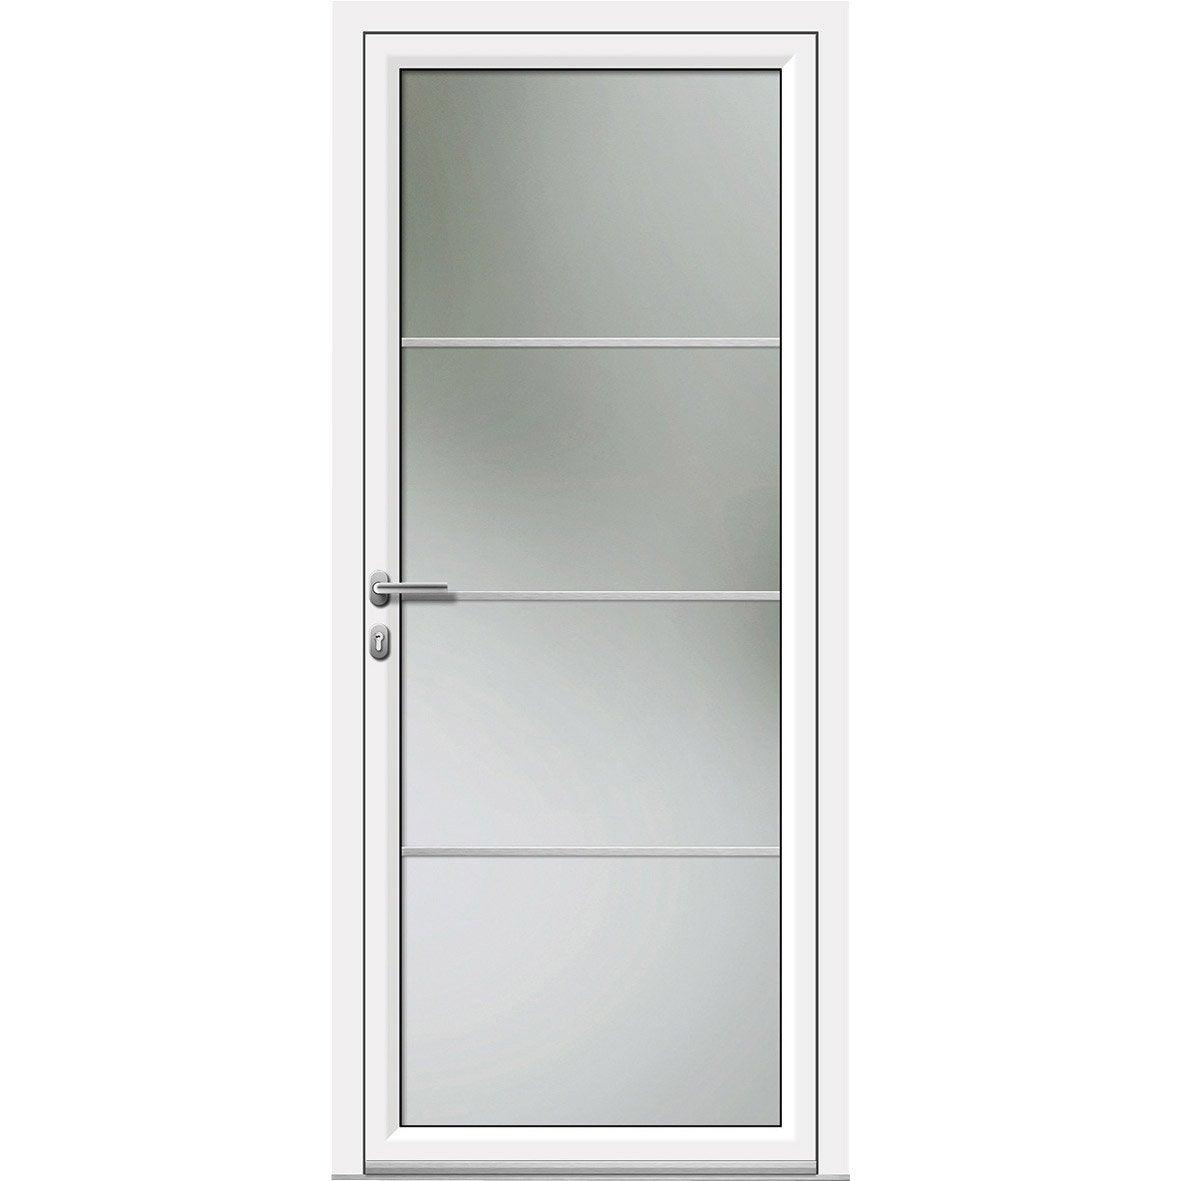 porte d 39 entr e aluminium laly artens poussant droit h215 x. Black Bedroom Furniture Sets. Home Design Ideas